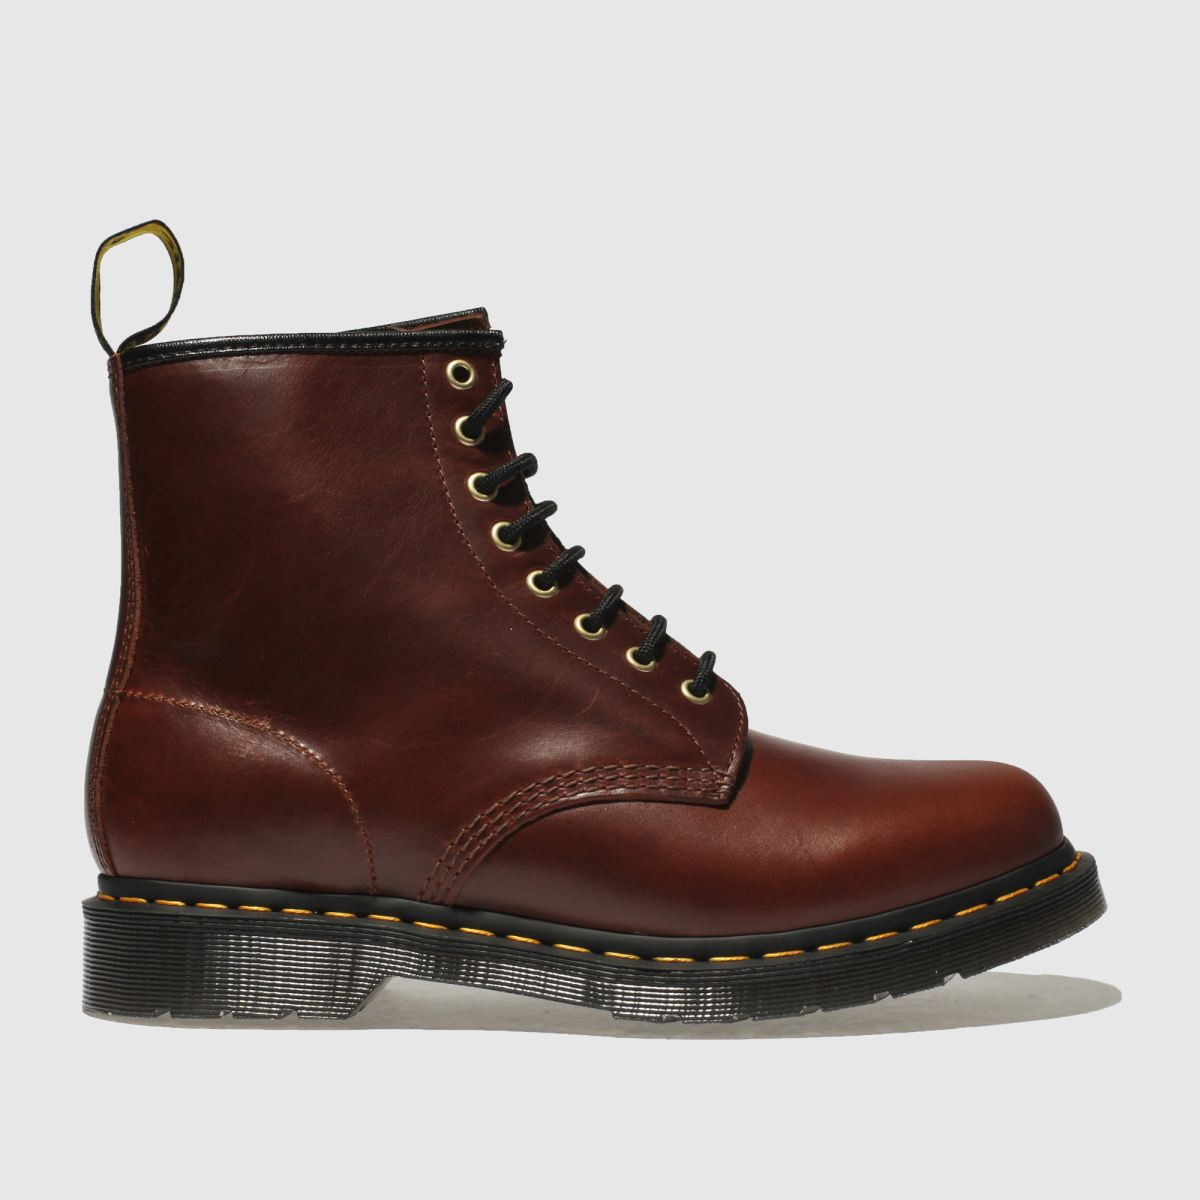 Dr Martens Brown 1460 Aqua Glide Boots